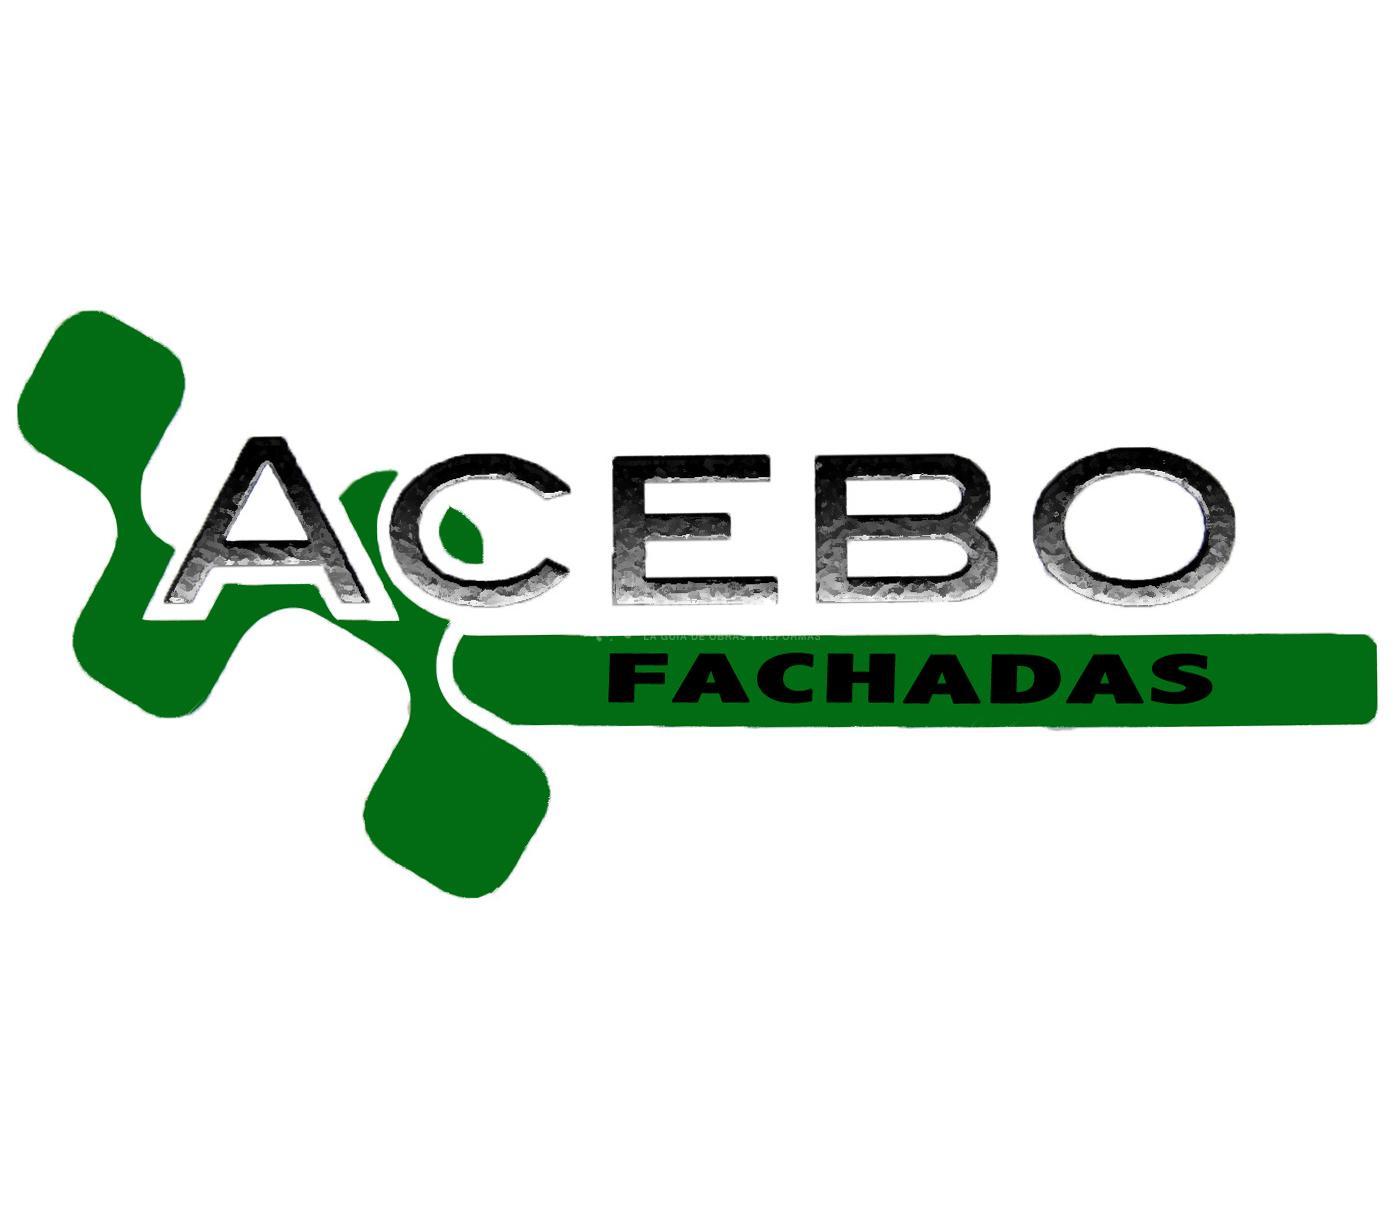 Fachadas Acebo